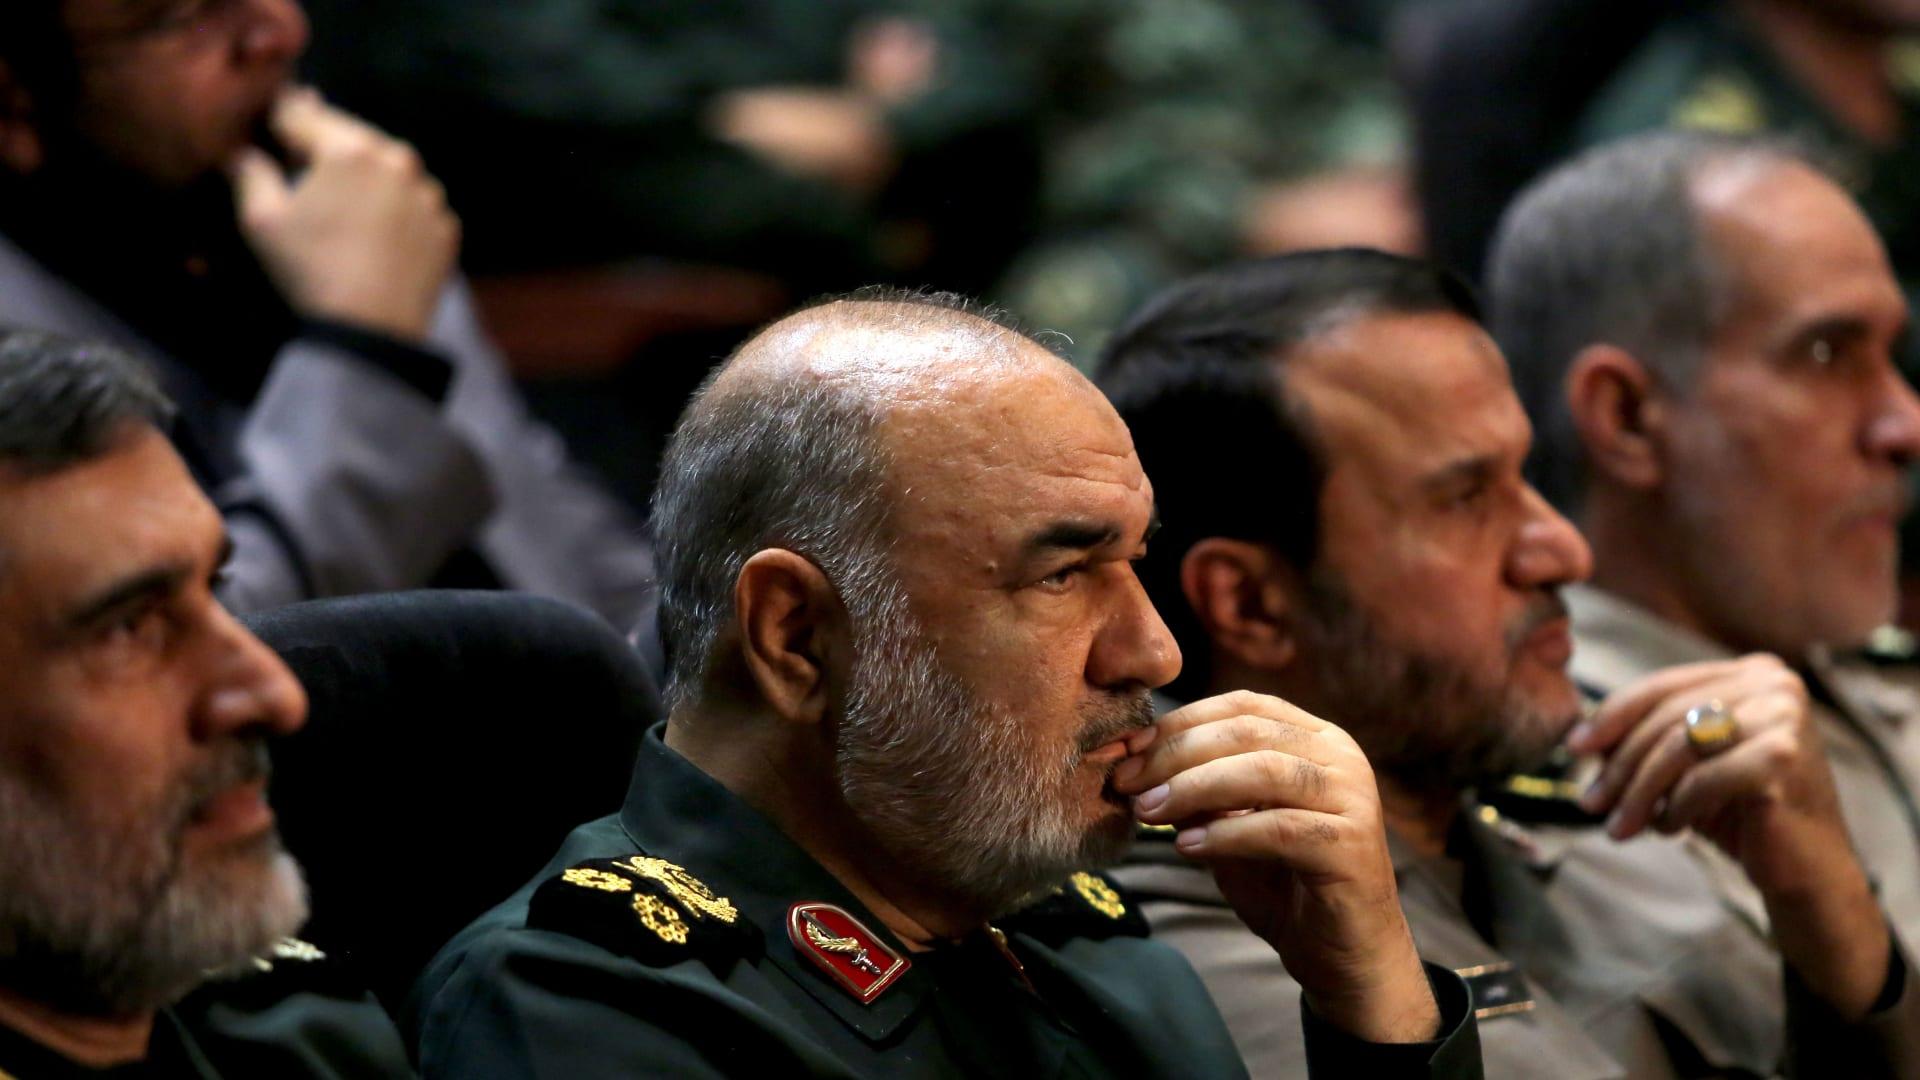 أمريكا تفرض عقوبات على مسؤولين بالحرس الثوري الإيراني بسبب انتهاكات حقوق الإنسان